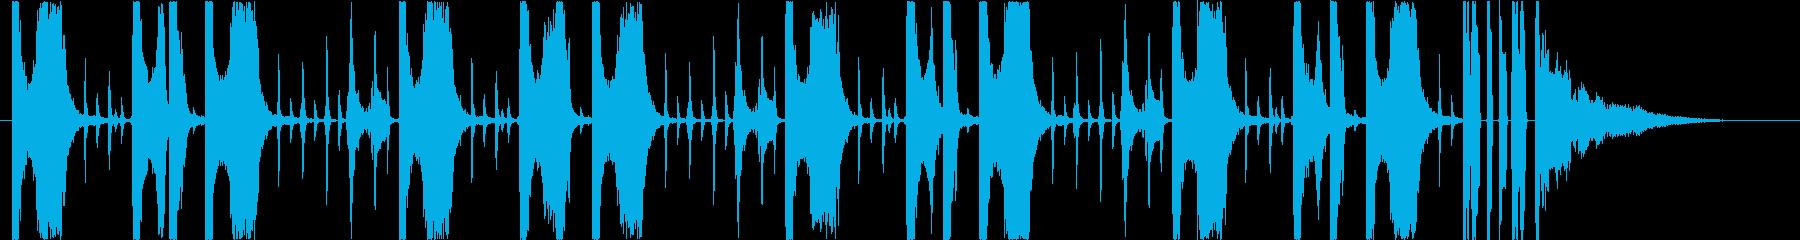 25秒】EDM チル 落ち着き 切なさ の再生済みの波形